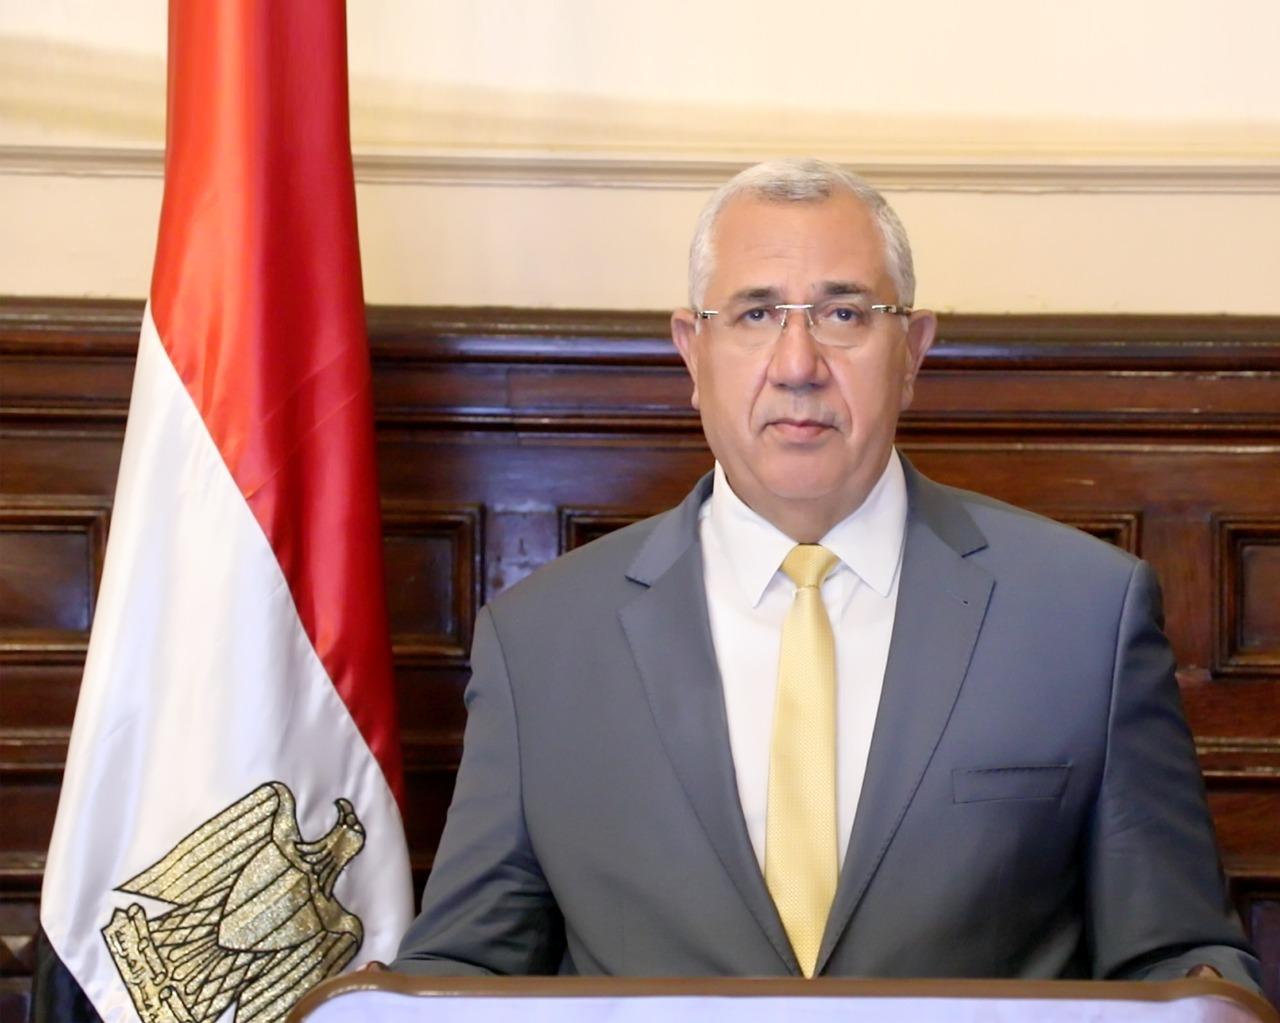 وزير الزراعة: مصر اتخذت خطوات واضحة وغير مسبوقة لتحقيق الأمن الغذائي وتحسين مستوى معيشة السكان الريفيين